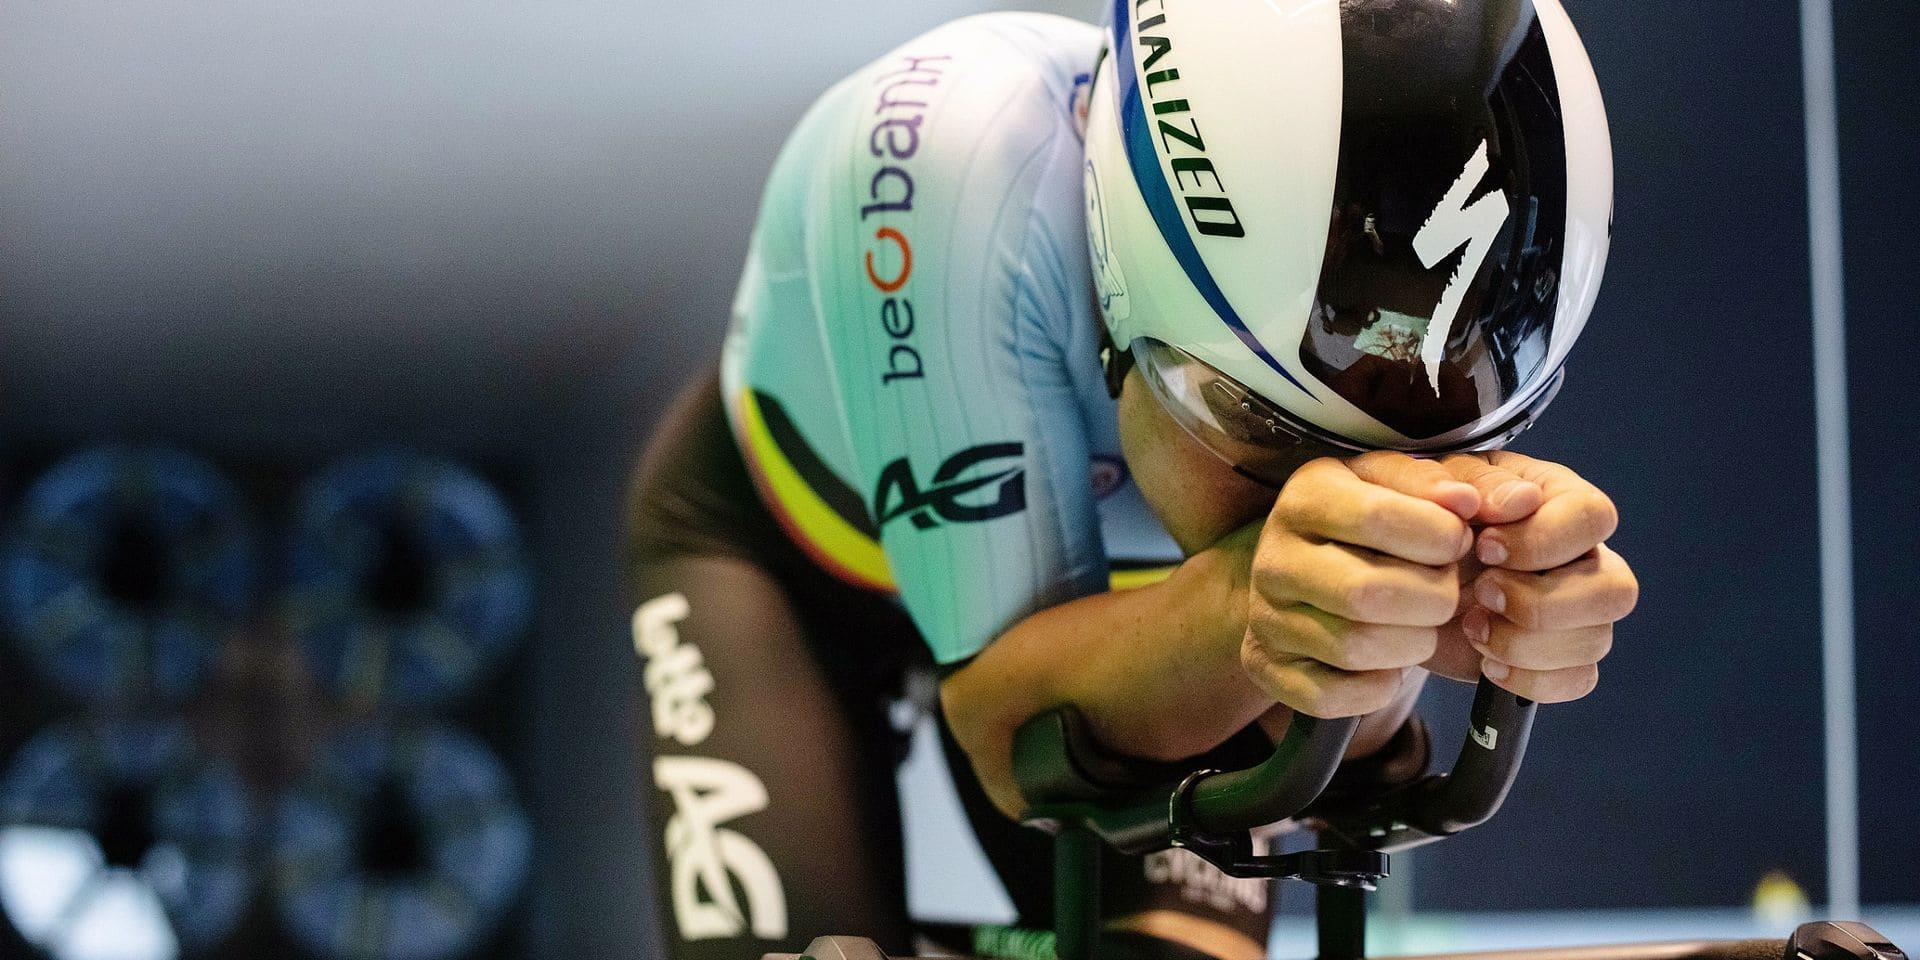 On a visité la soufflerie de Bioracer, la société qui crée les maillots des coureurs de l'équipe nationale belge